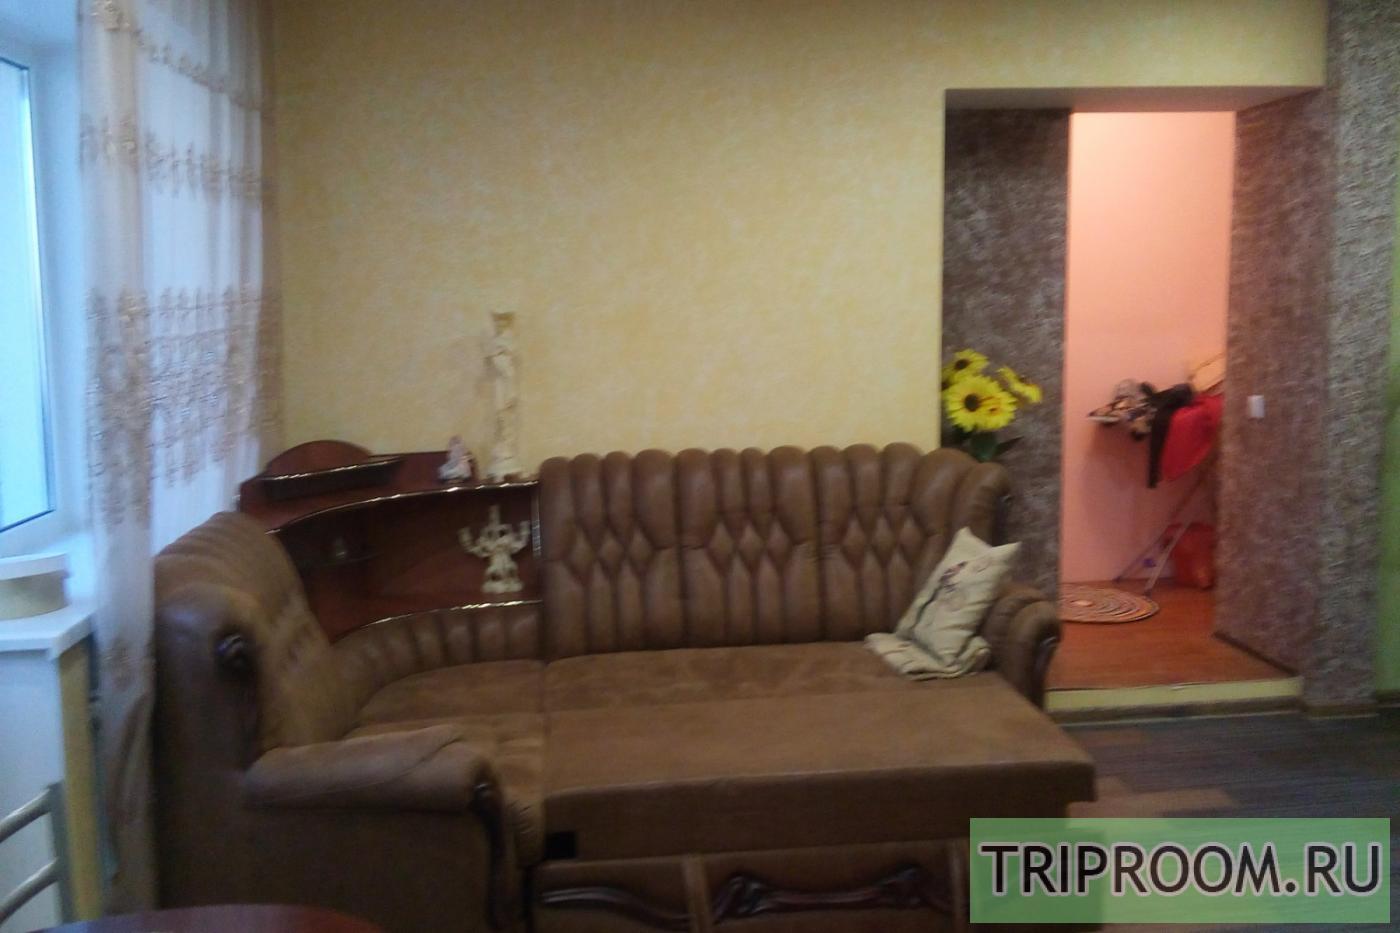 1-комнатная квартира посуточно (вариант № 21339), ул. Петропавловская улица, фото № 6